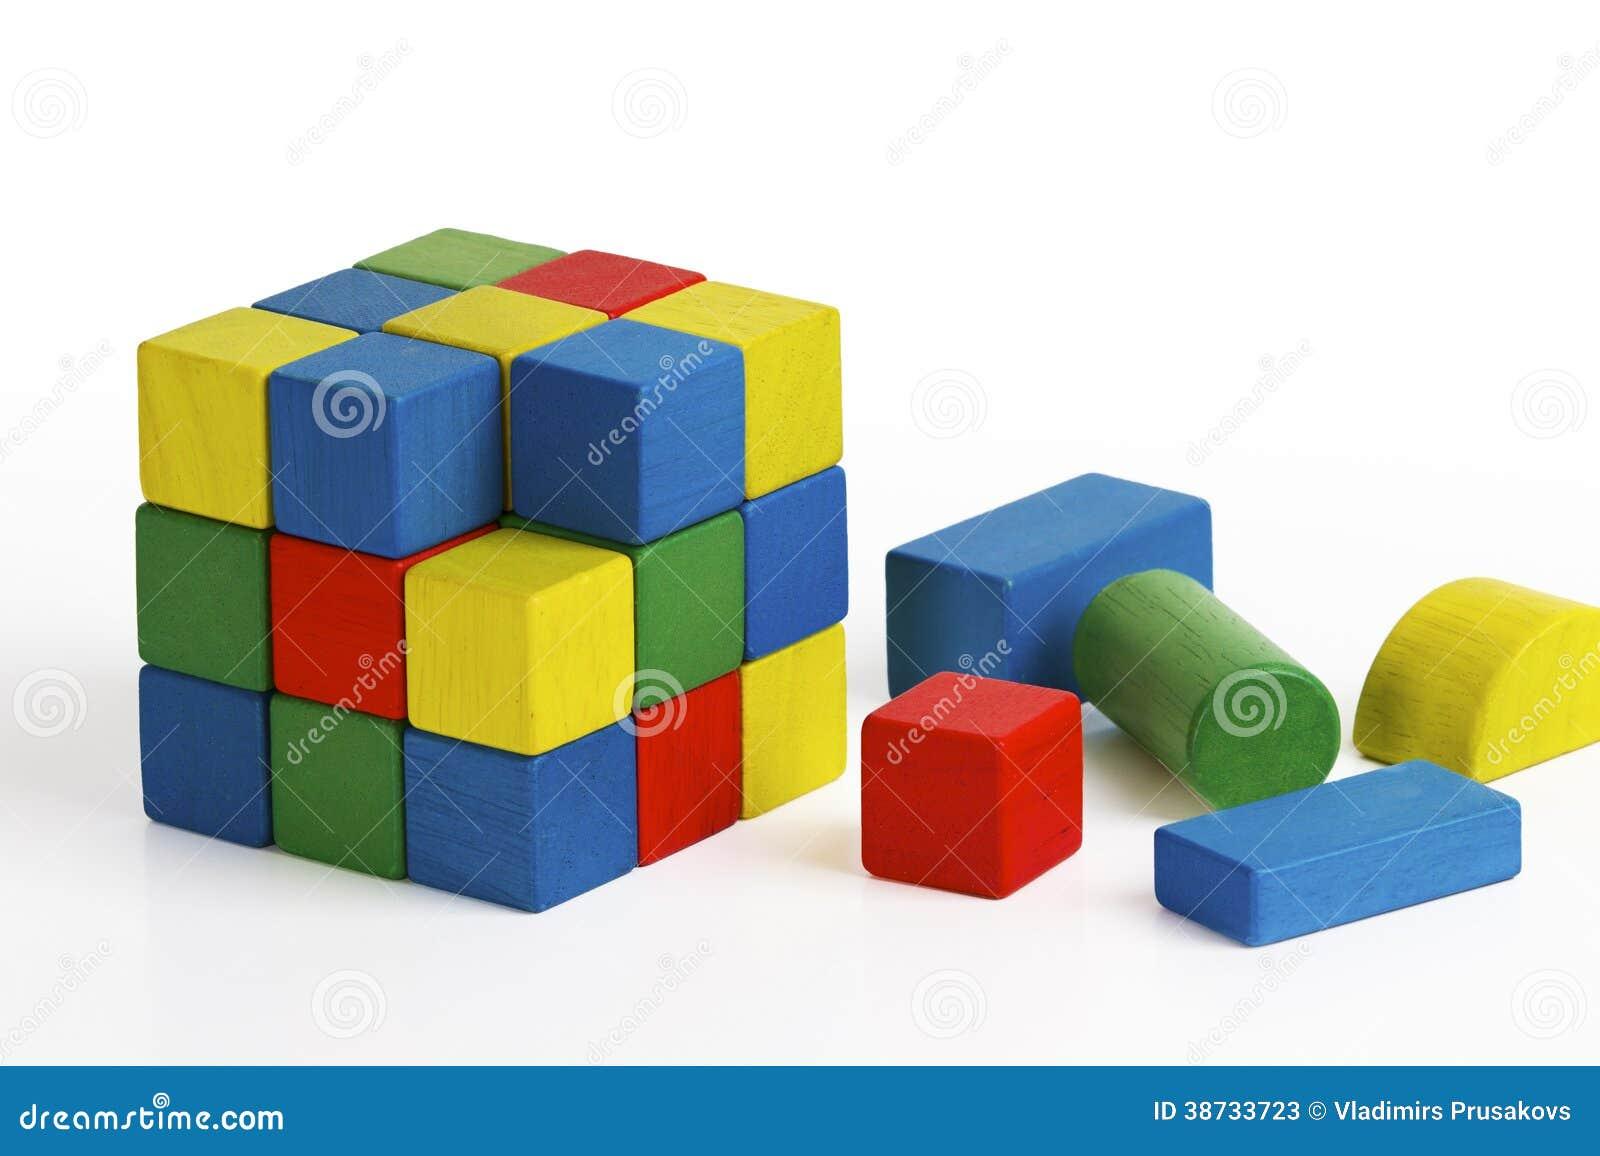 jouet de cube en casse t te blocs en bois multicolores photo stock ditorial image 38733723. Black Bedroom Furniture Sets. Home Design Ideas